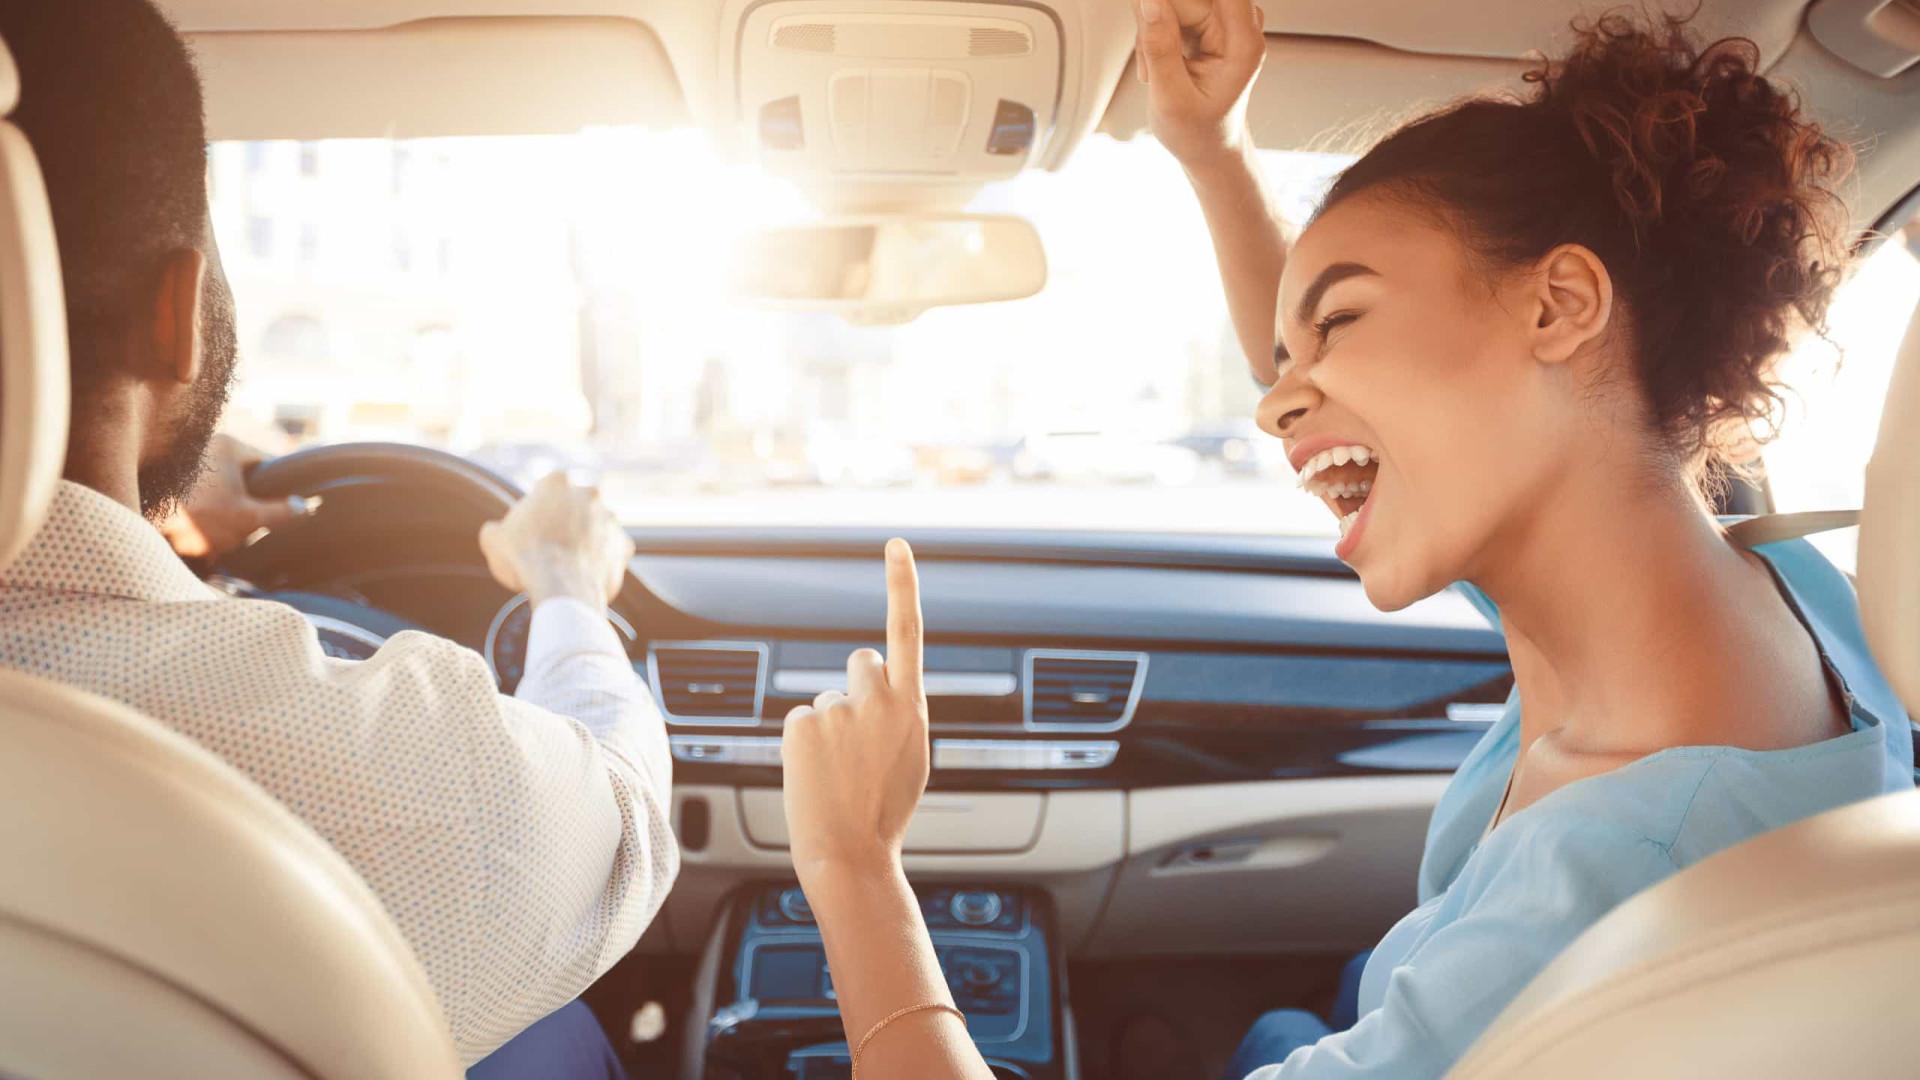 Cantar aumenta risco de disseminação da Covid-19, alertam cientistas